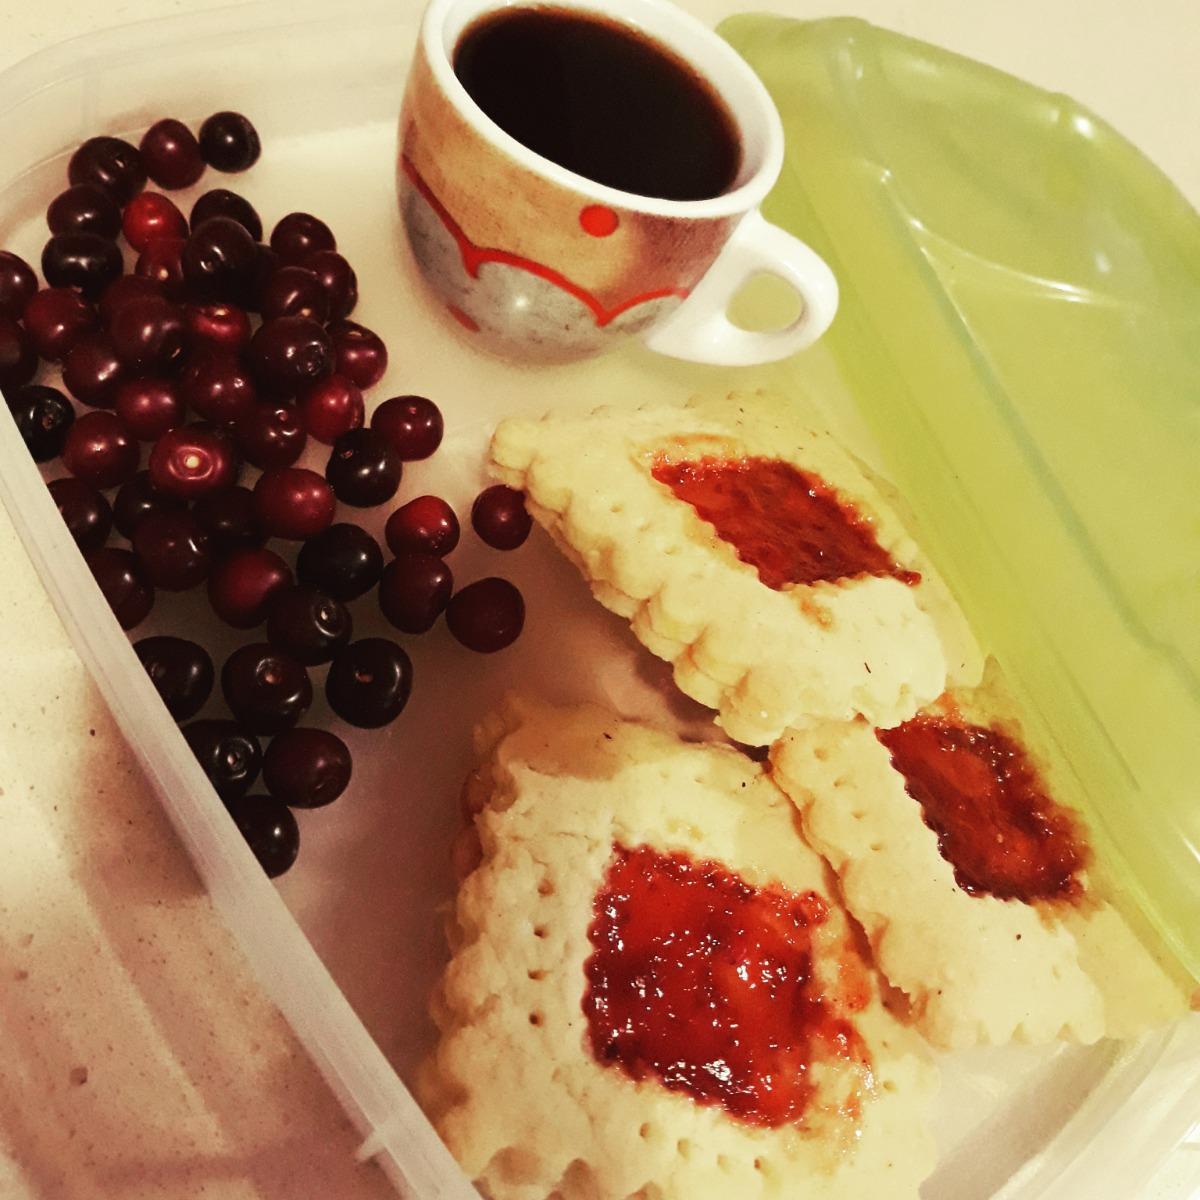 La colazione di CECCO DI NARA